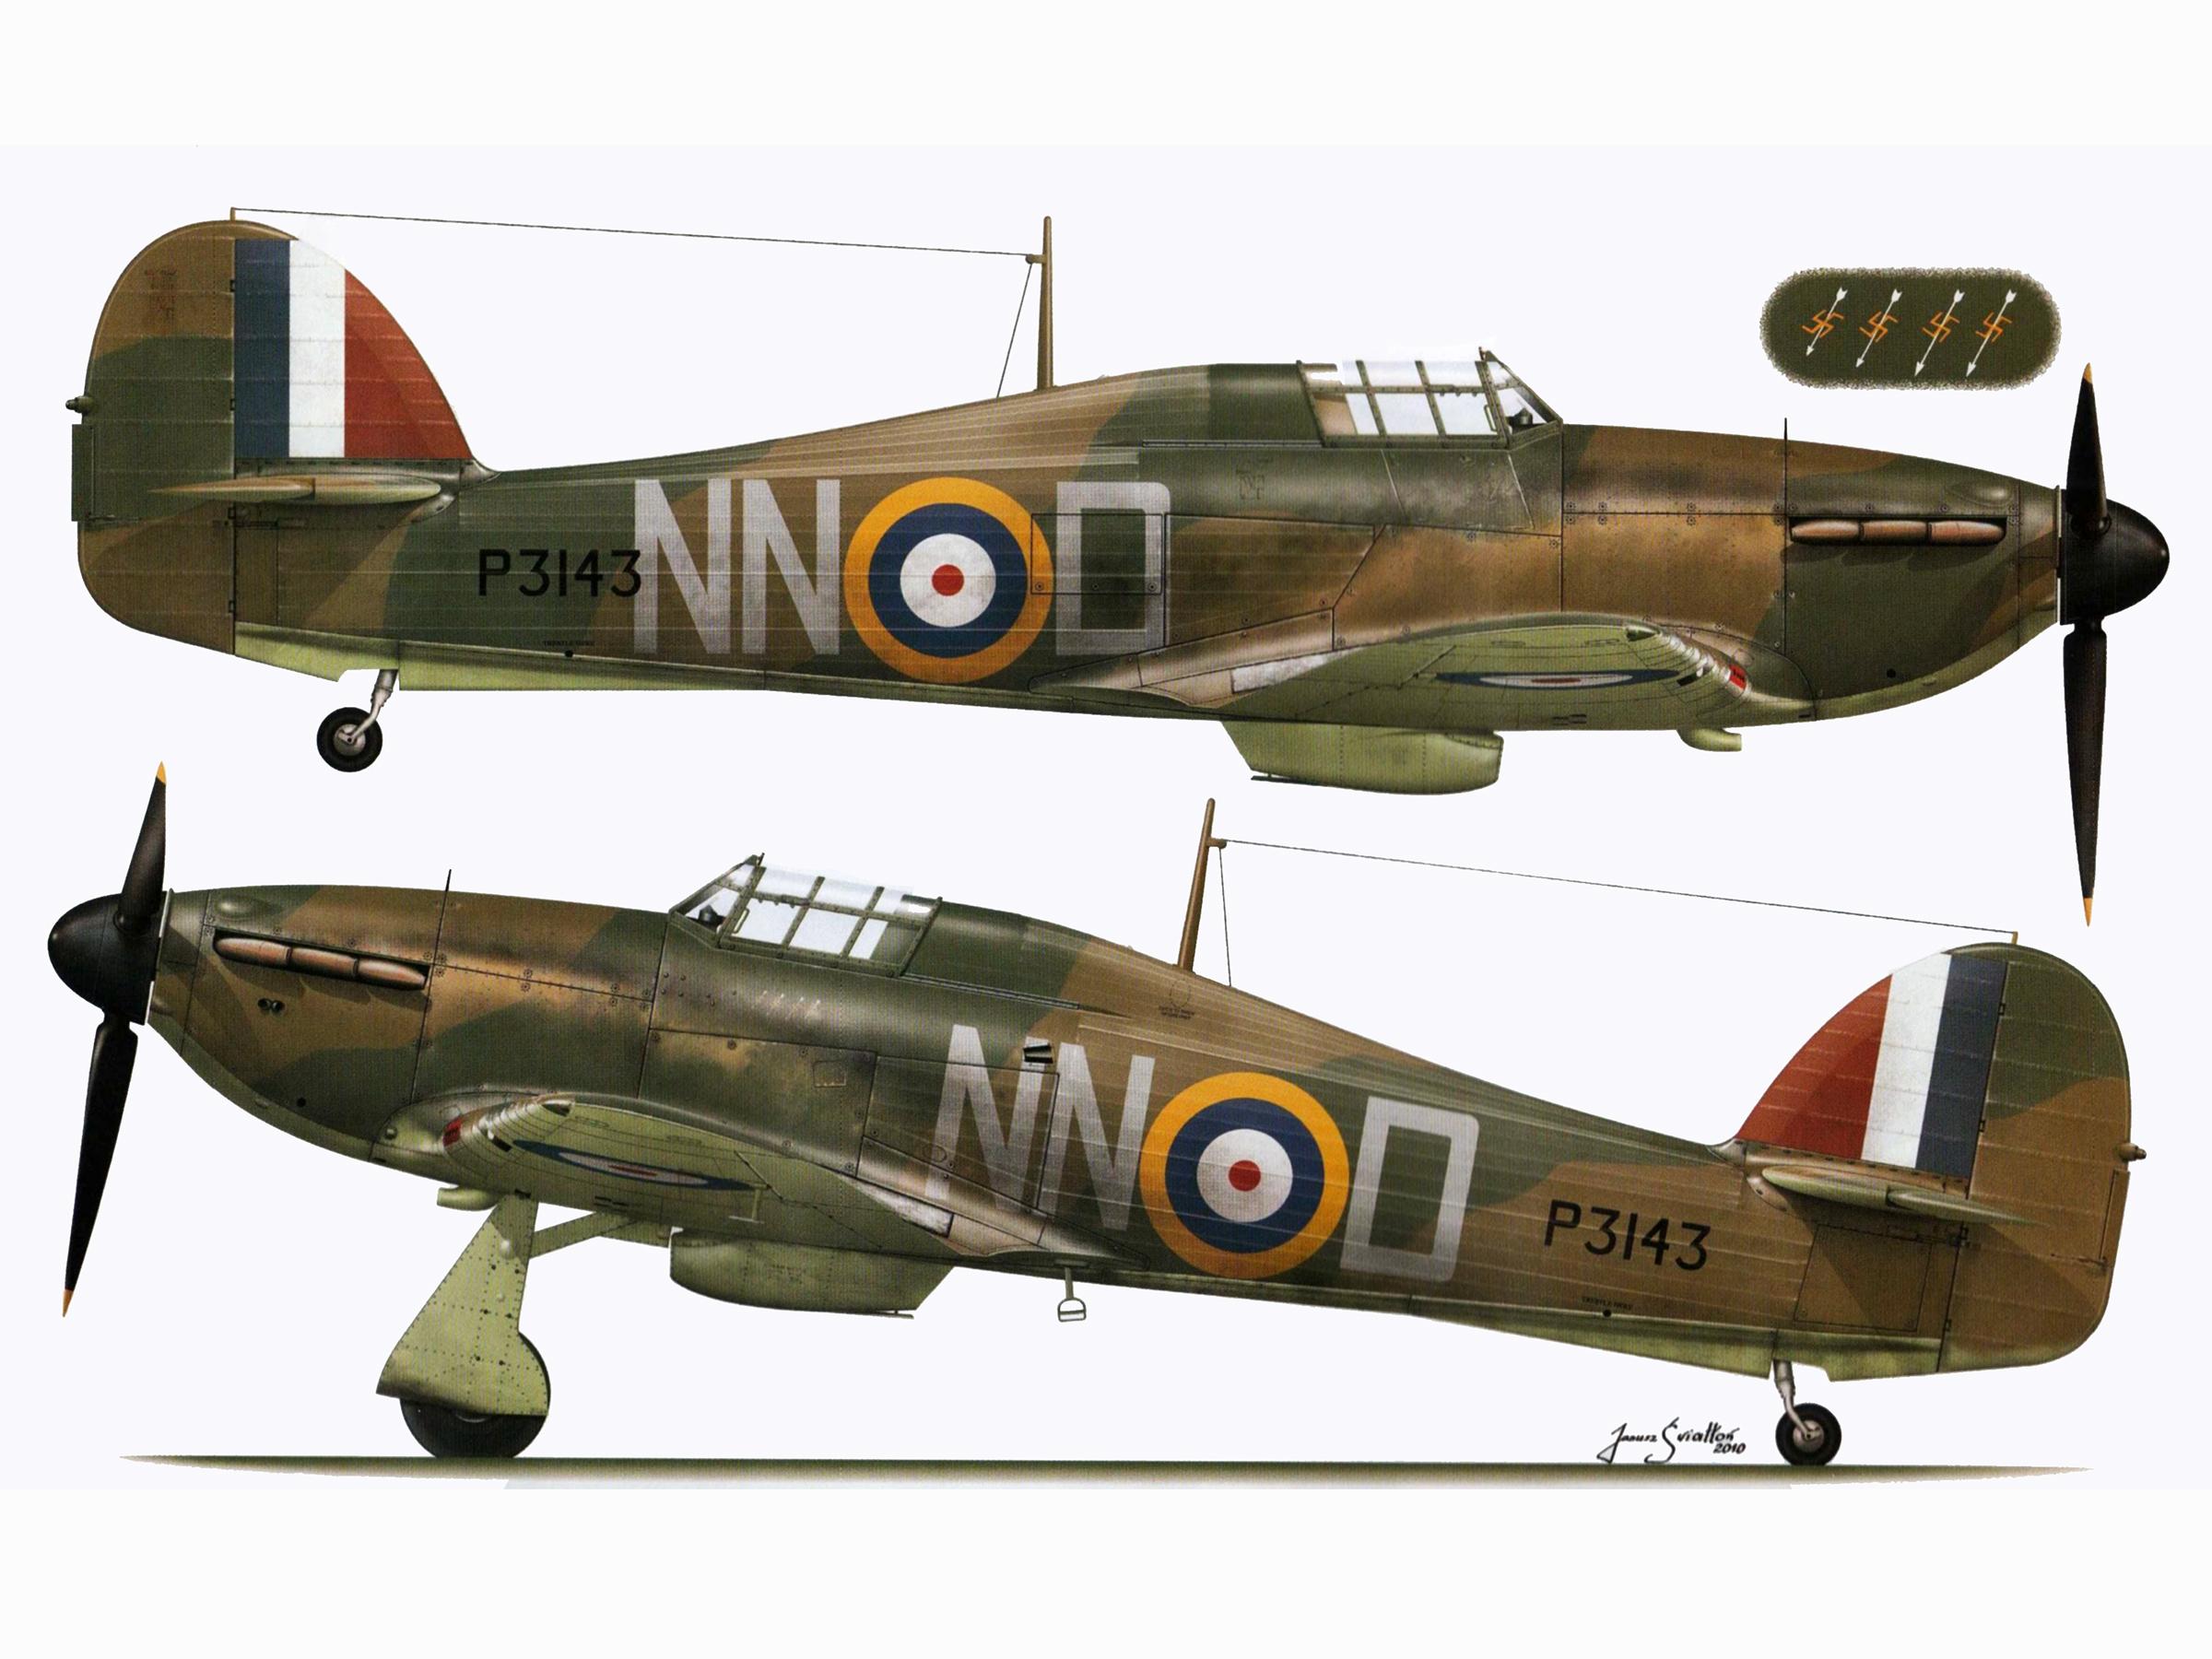 Hurricane I RAF 310Sqn Czech NND Bohumir Furst P3143 Duxford Sep 1940 TC15016